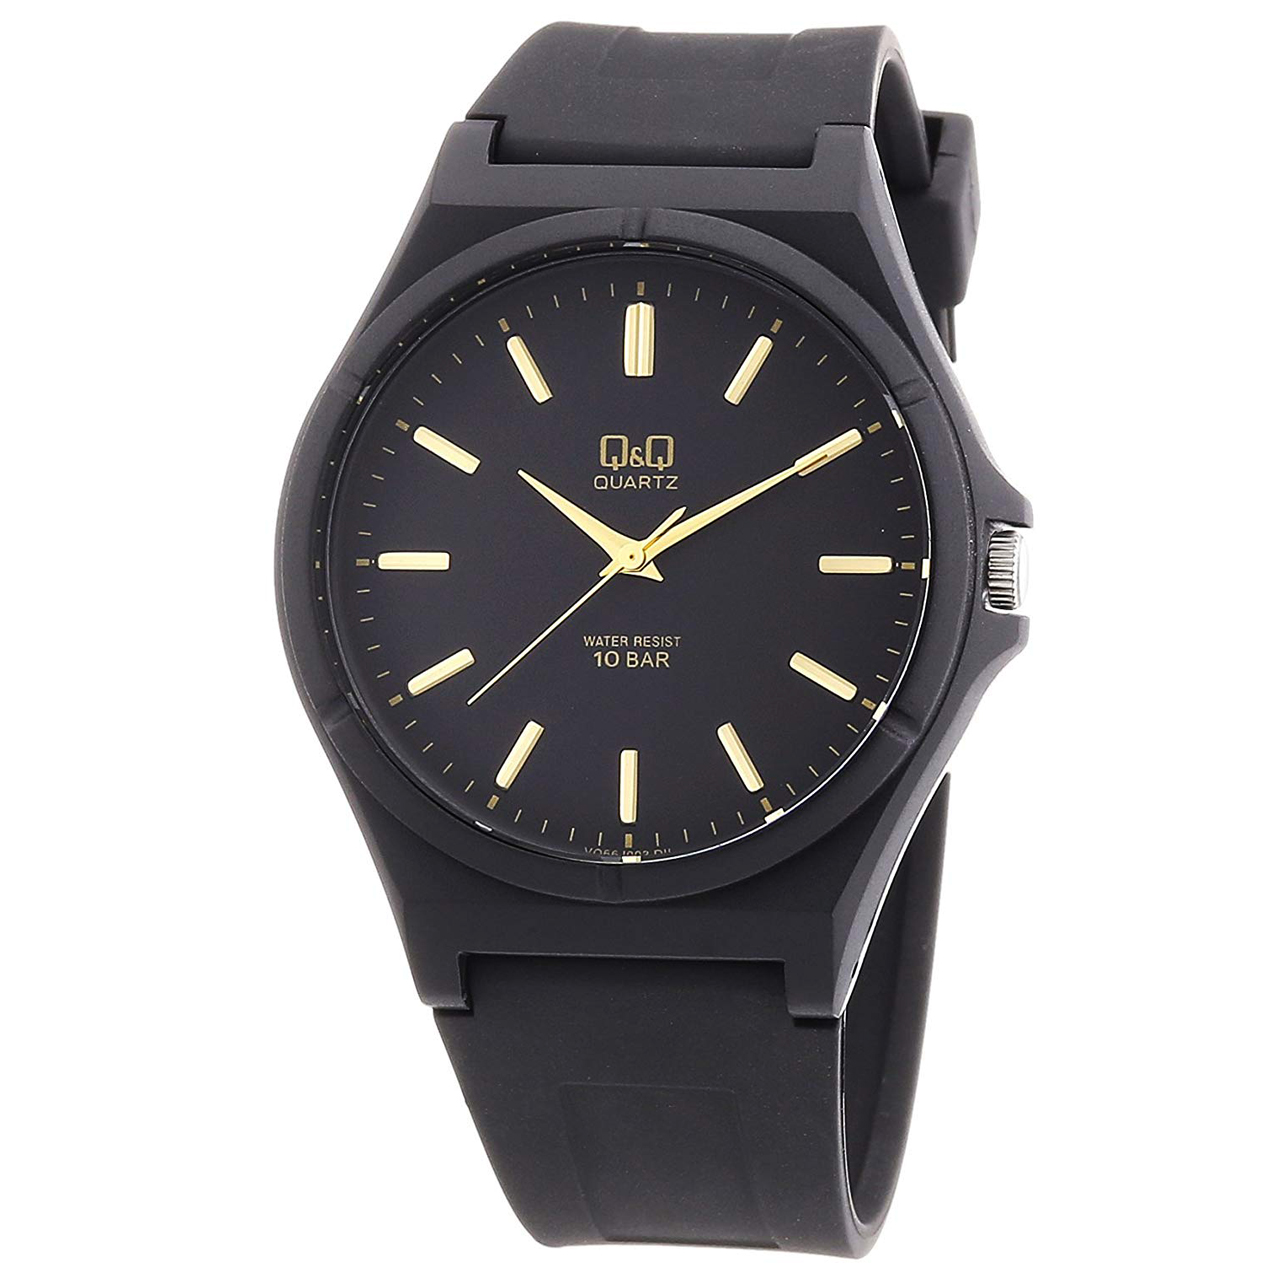 ساعت مچی عقربه ای مردانه کیو اند کیو مدل vq66j003y به همراه دستمال مخصوص برند کلین واچ